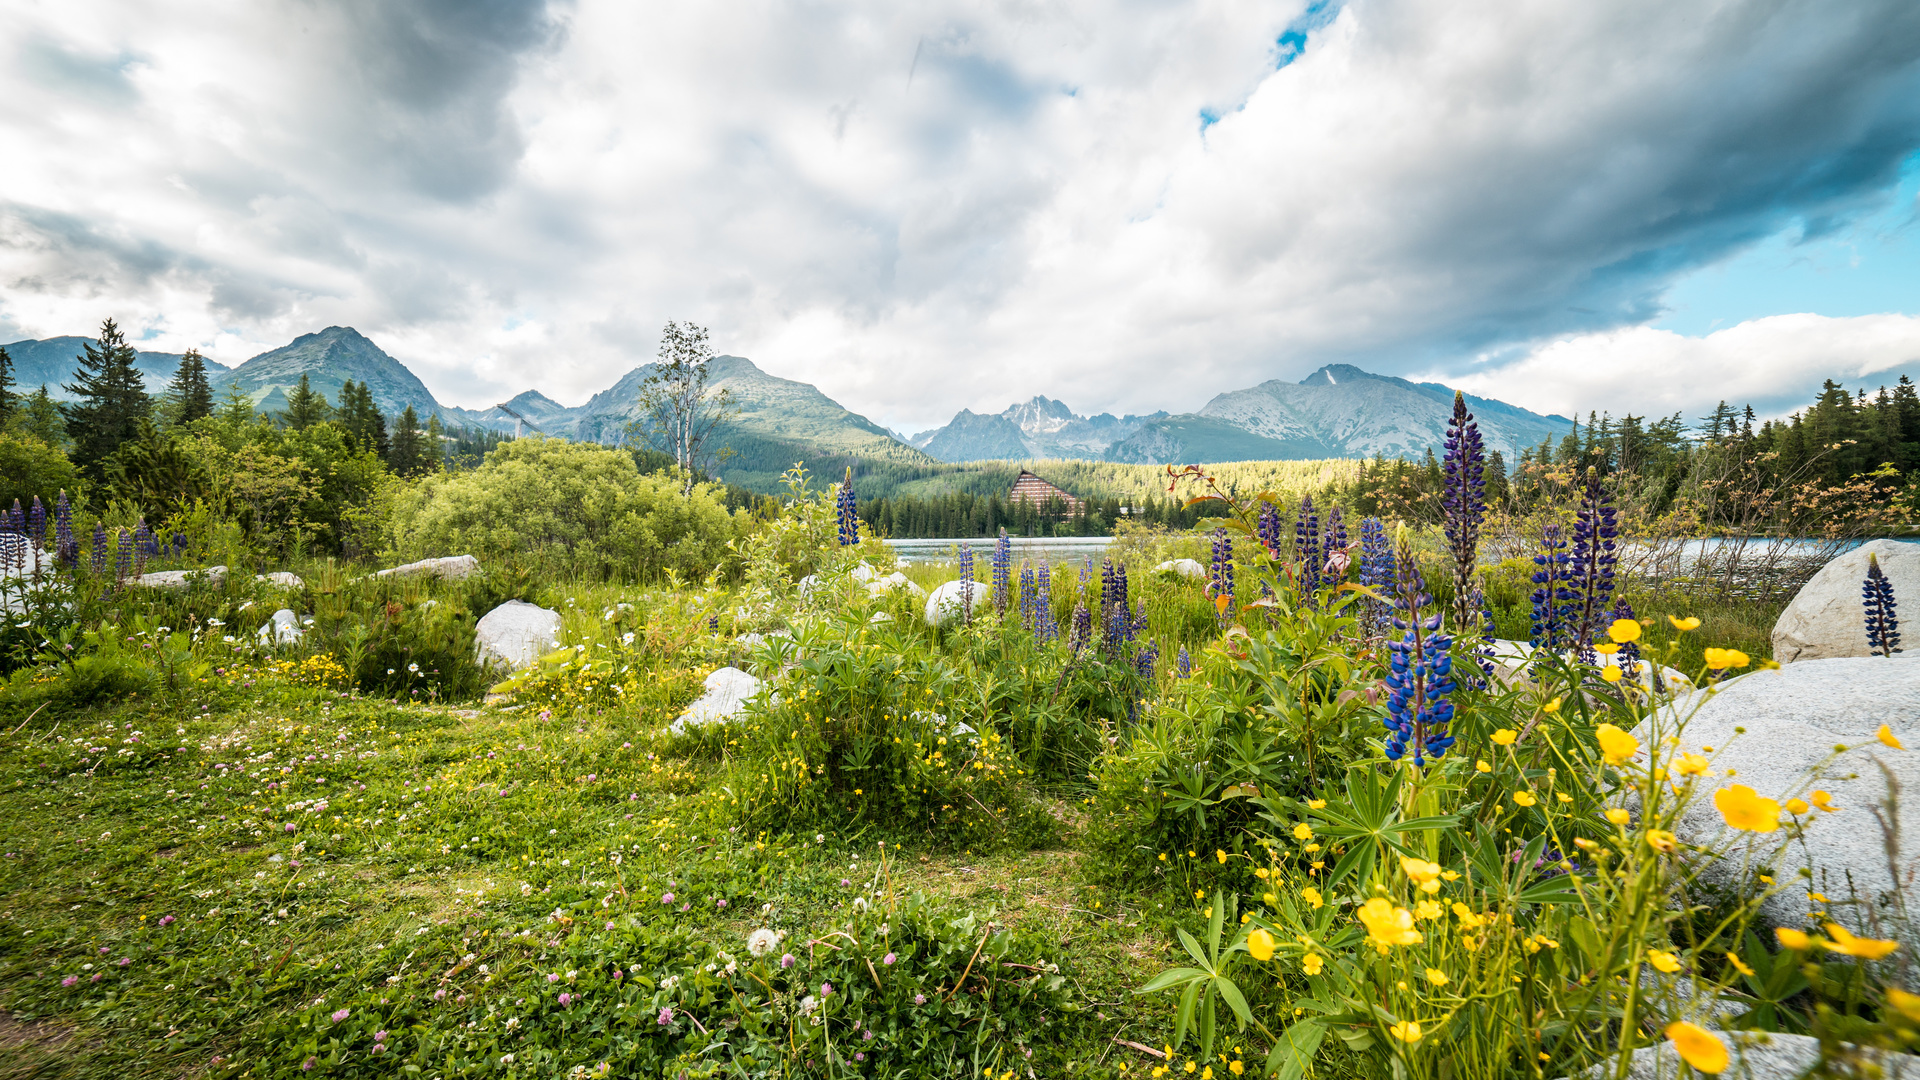 камни, люпин, пейзаж, горы, словения, tatra, mountains, трава, природа